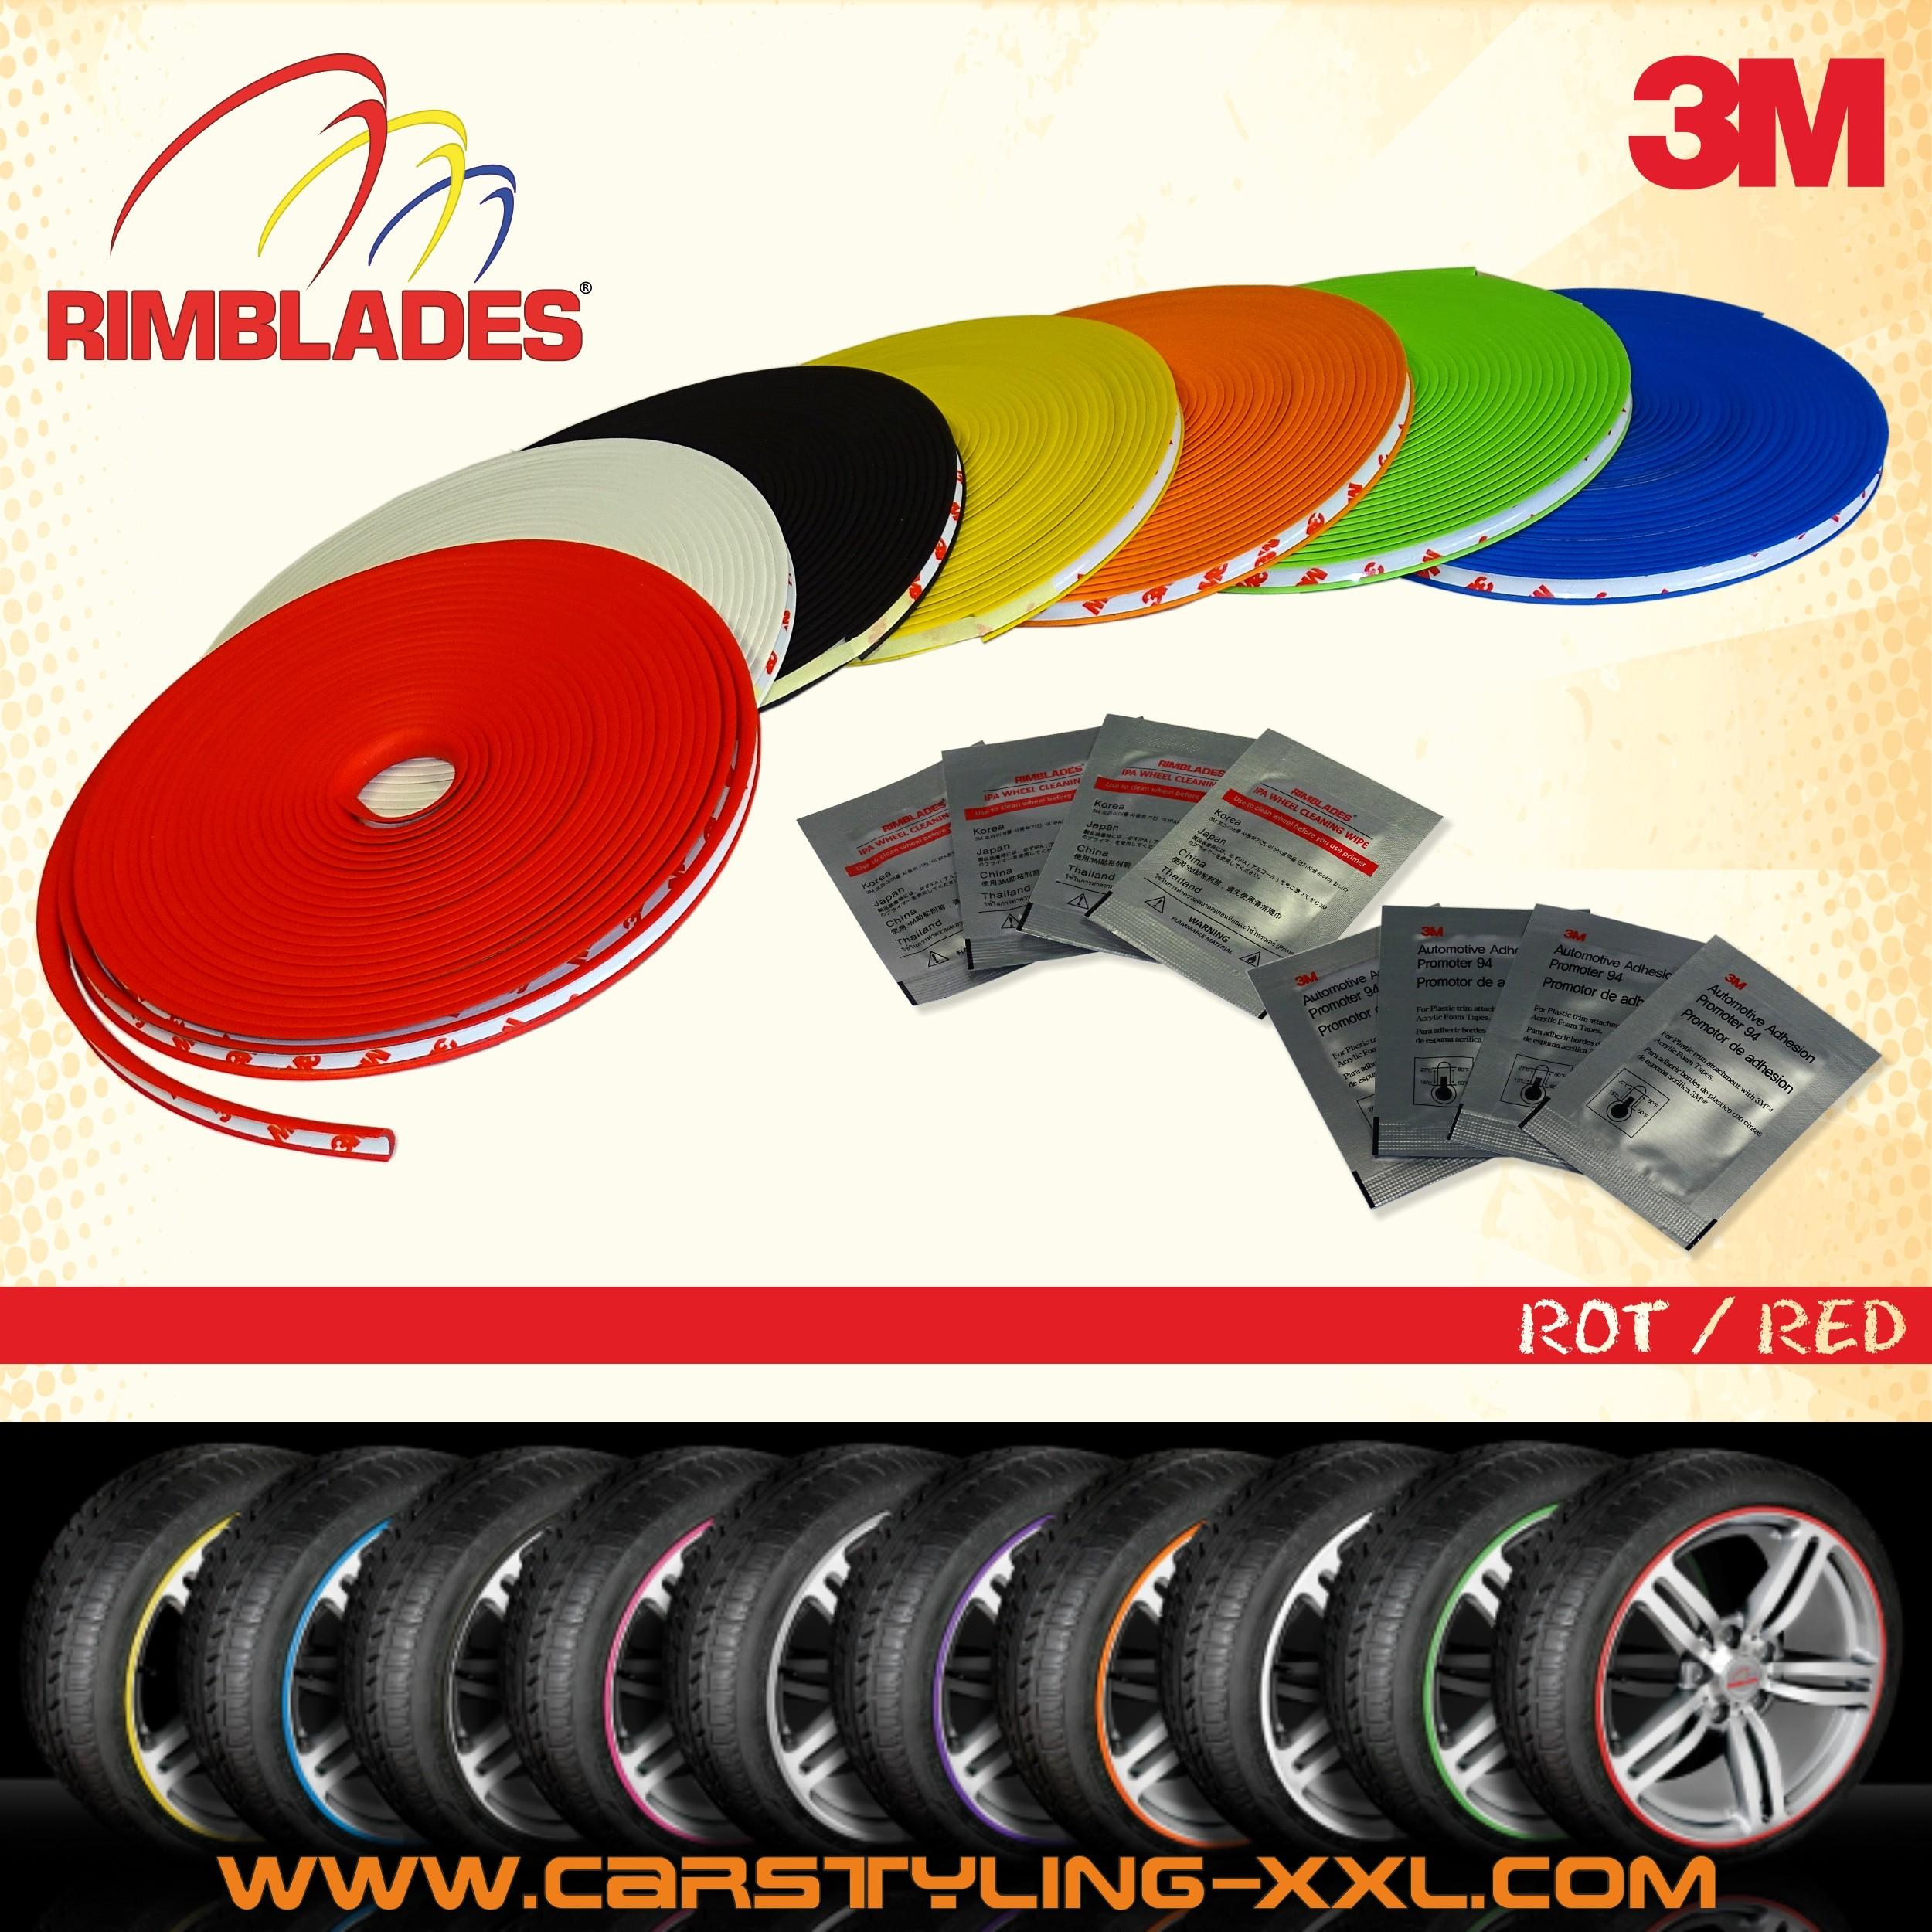 NEU - Rimblades mit 3M Kleber - Singlepackung - Farbe: rot - Premium Felgenschutz und Styling für Alufelgen bis 22''